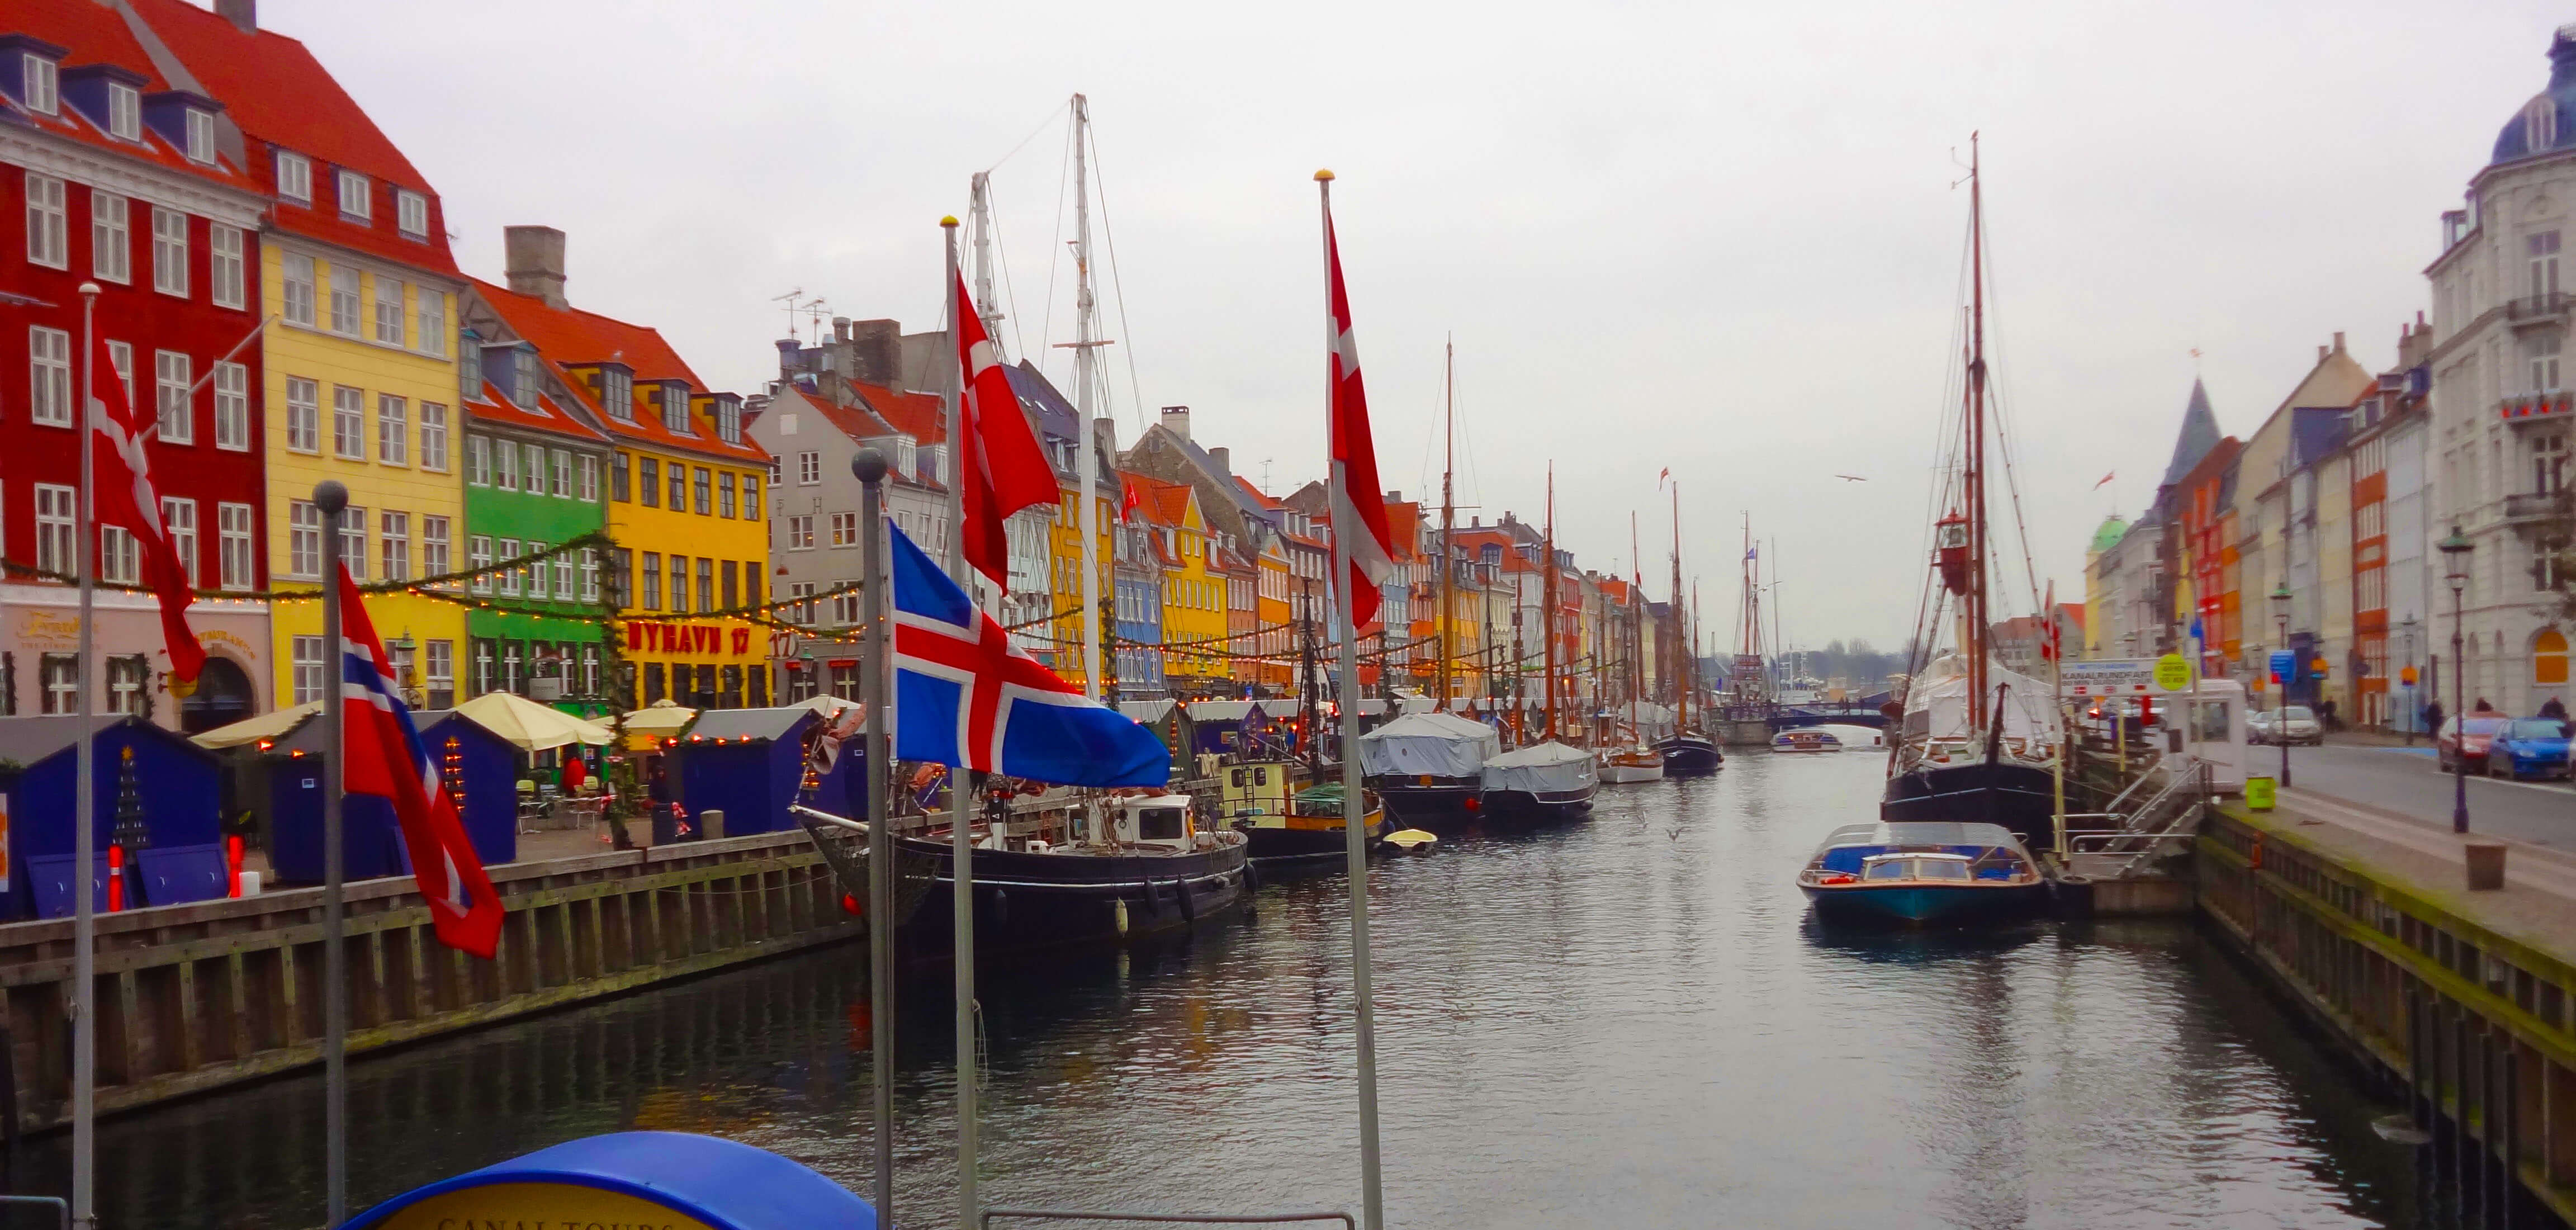 CAPA 1 - Visitando Copenhague em menos de 48 horas